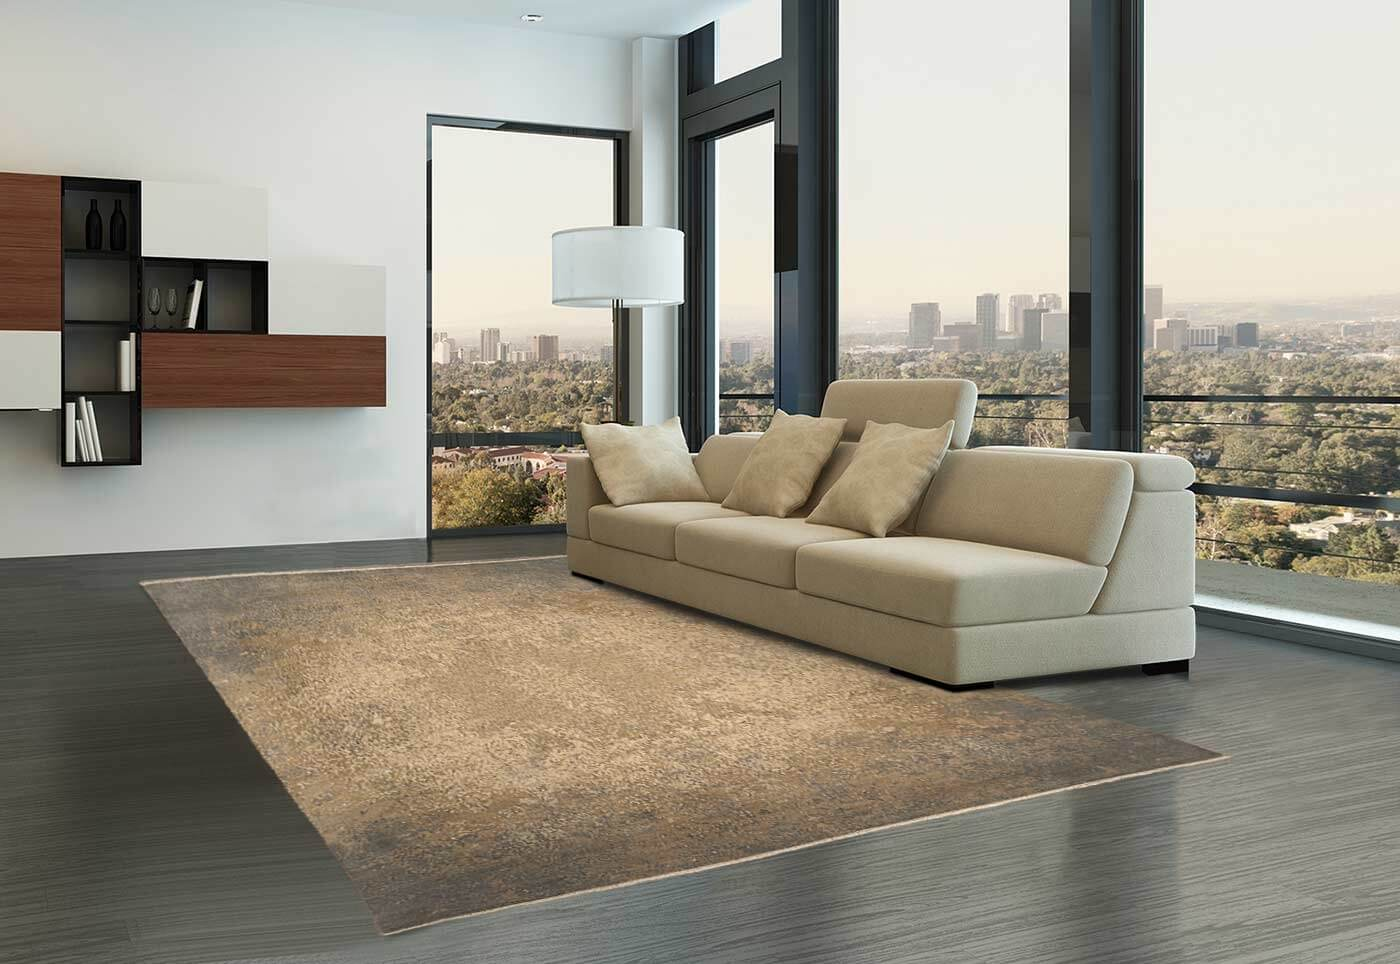 avant-garde-texture-exclusieve-design-tapijten-grijs-beige-interieur2